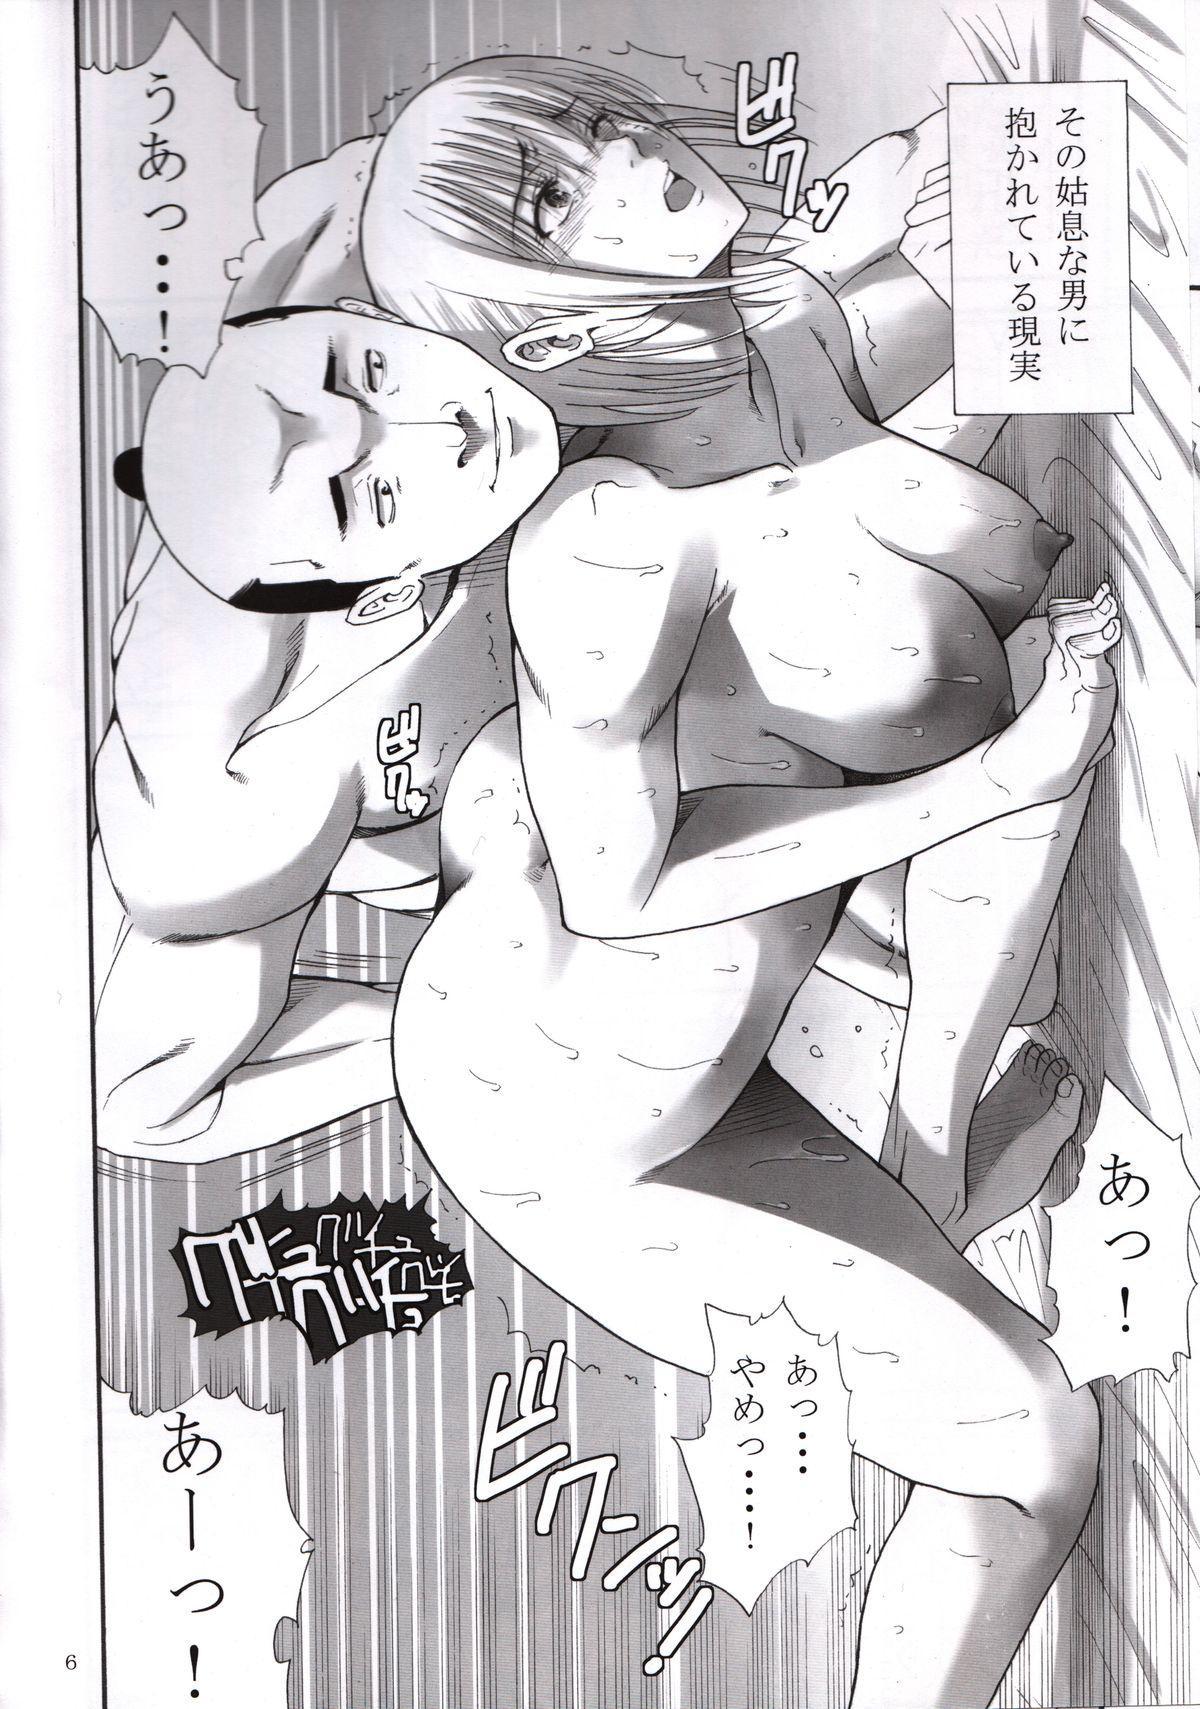 Tsukuyo-san ga Iyarashii Koto o Sarete shimau Hanashi 2 4